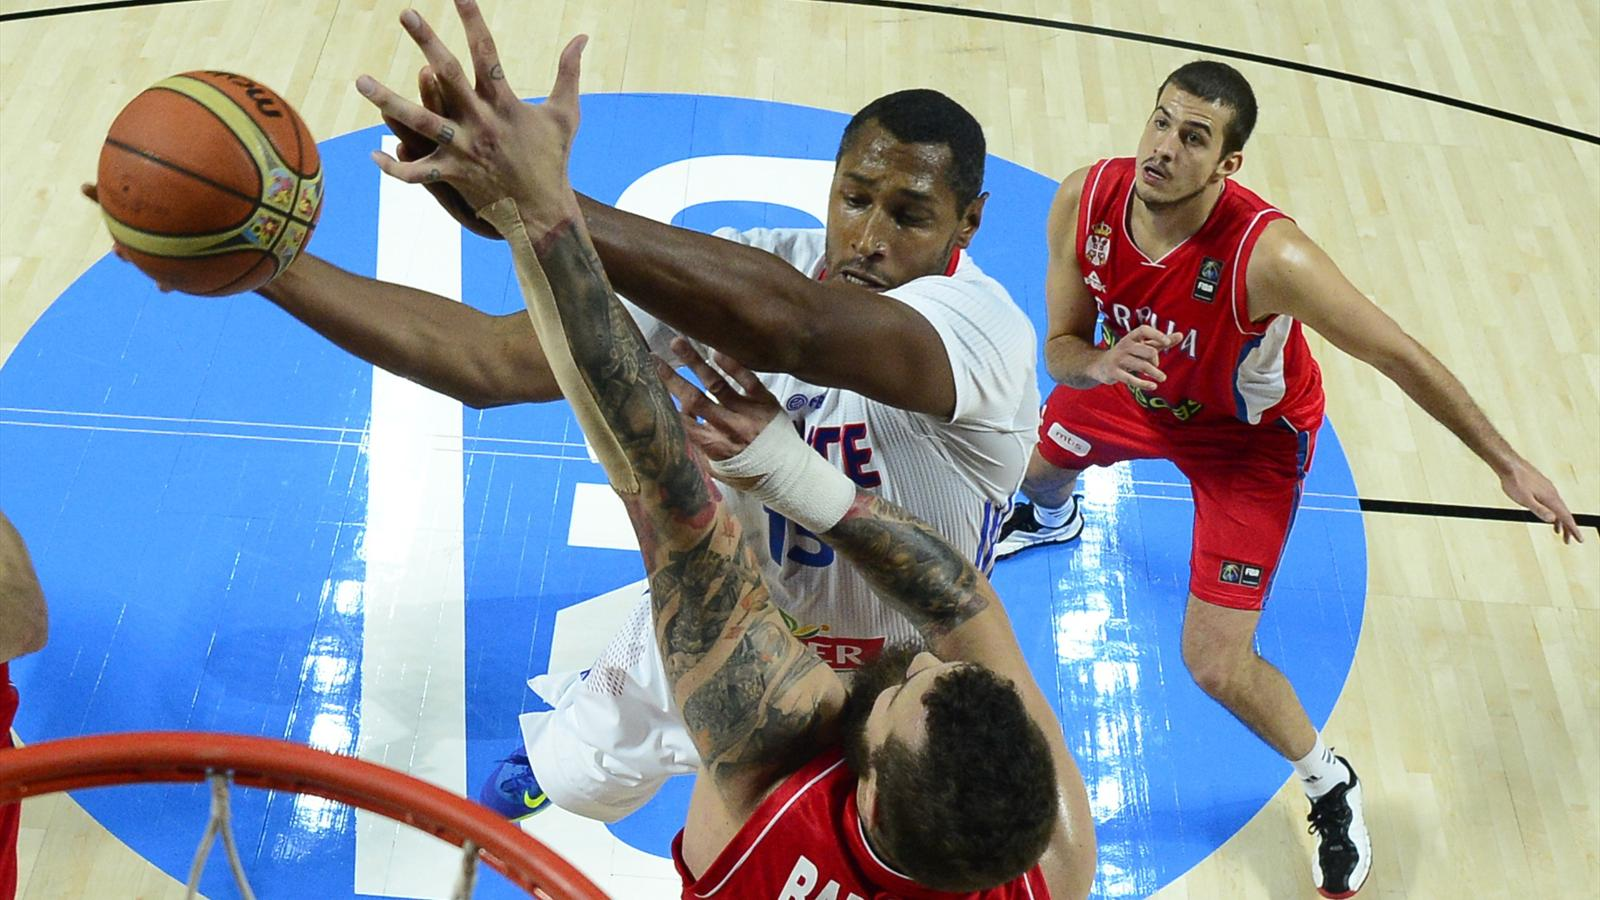 Live lituanie france places 3 4 coupe du monde 2014 basketball eurosport live score - Live coupe de france basket ...